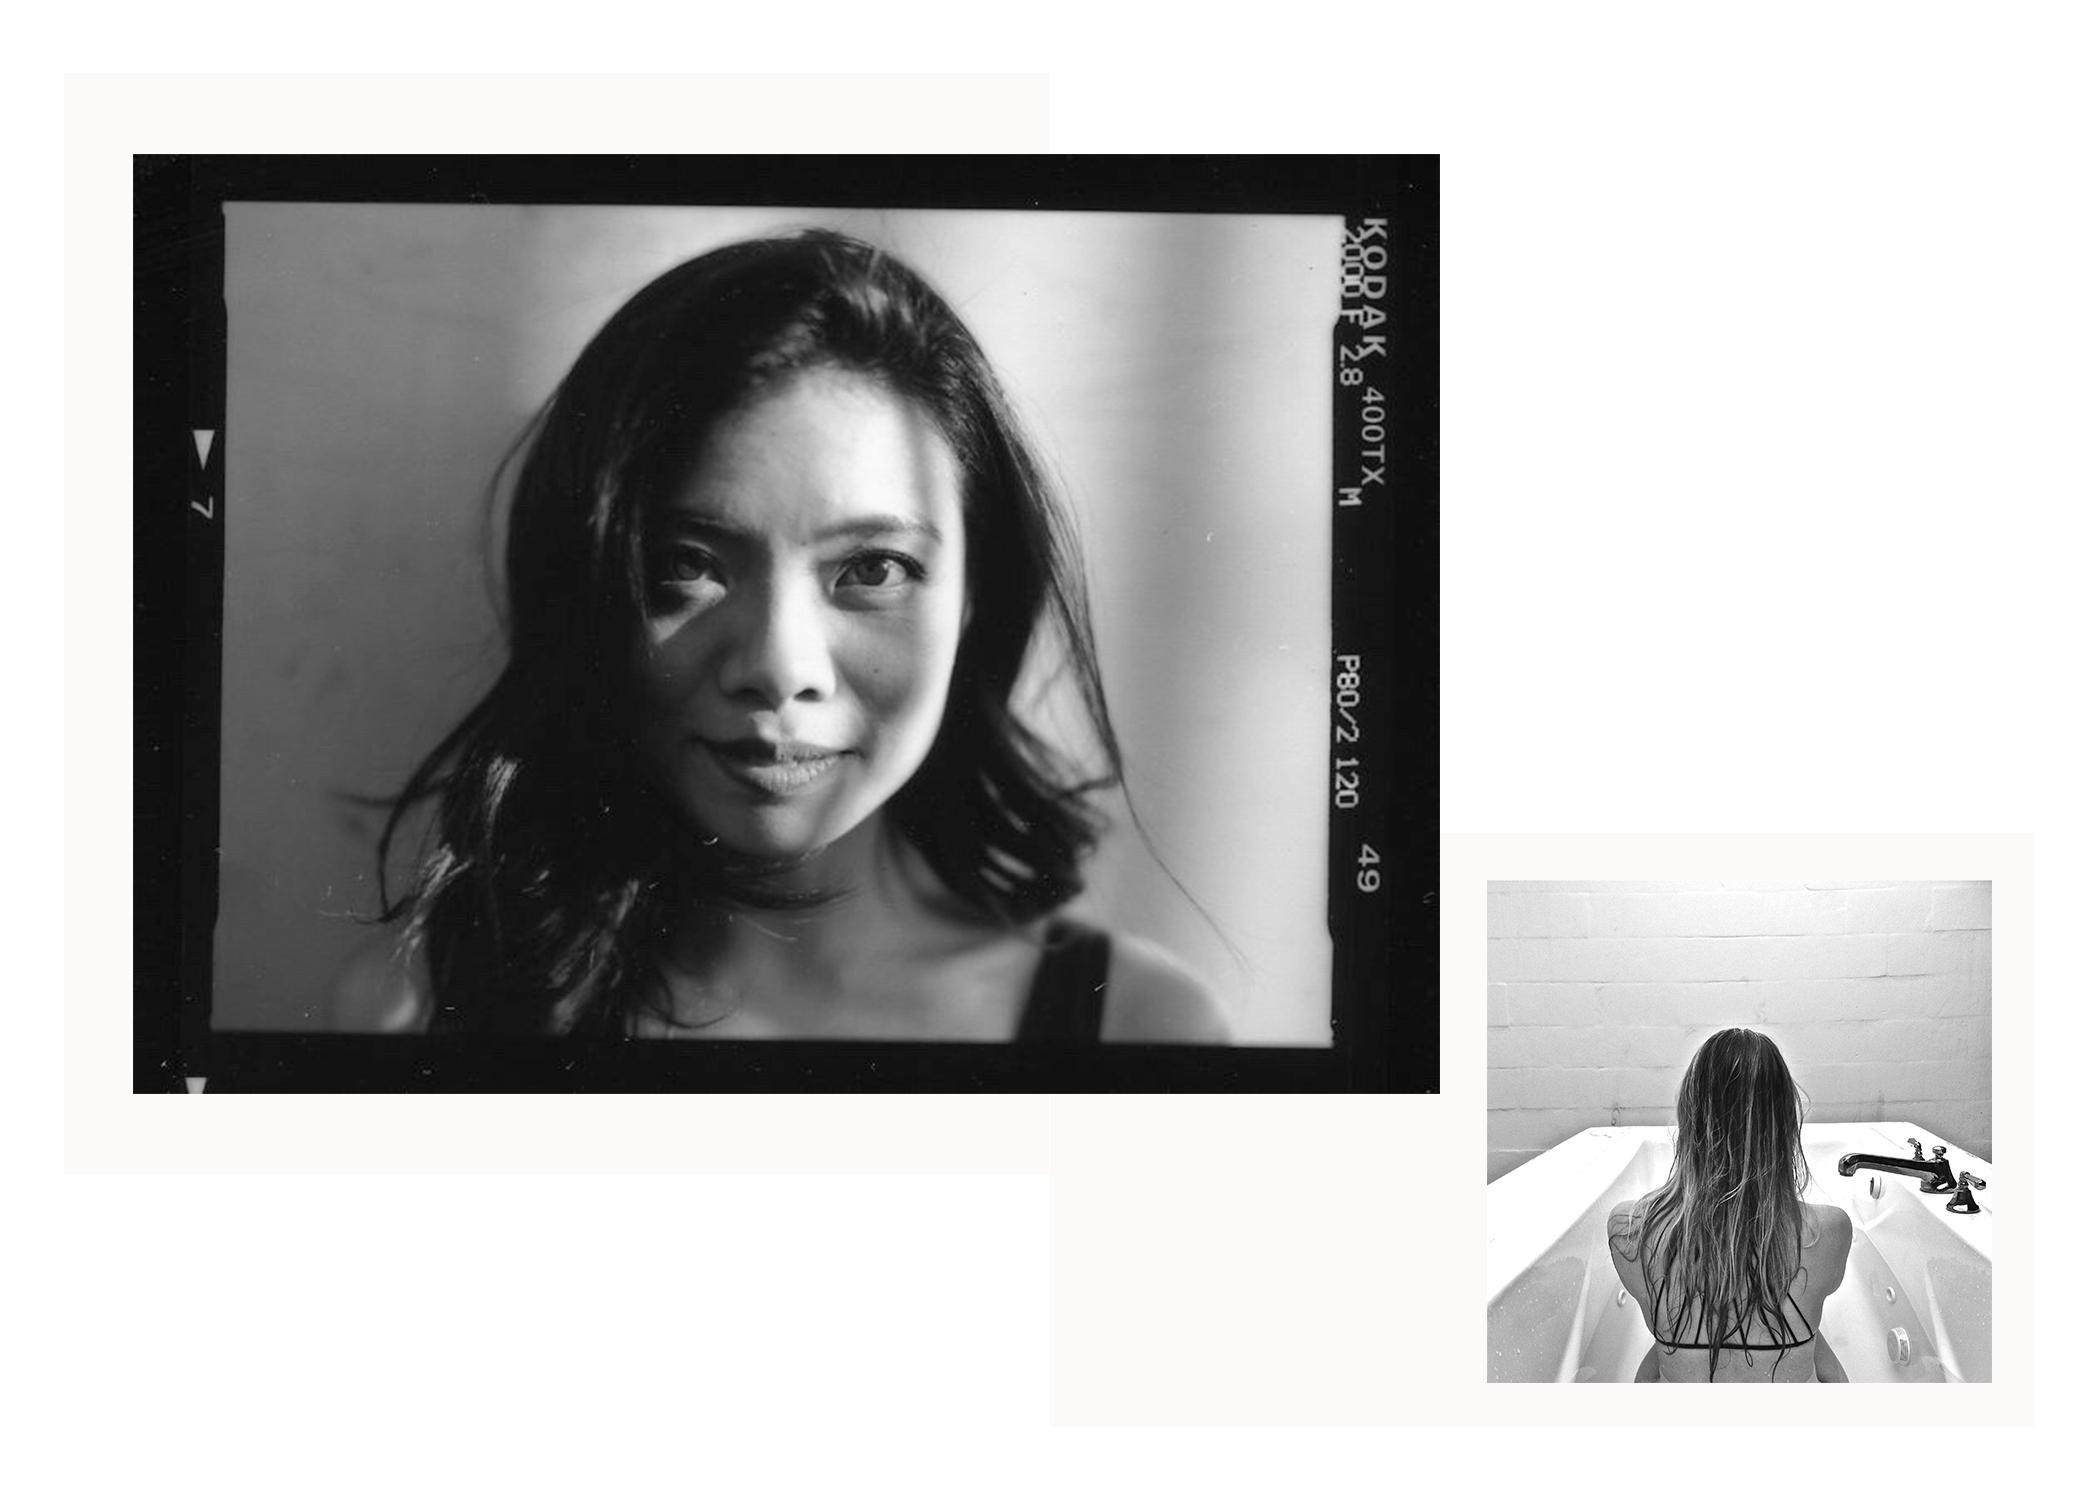 Portfolio_Portraits_2019_ShelleySom_002.jpg